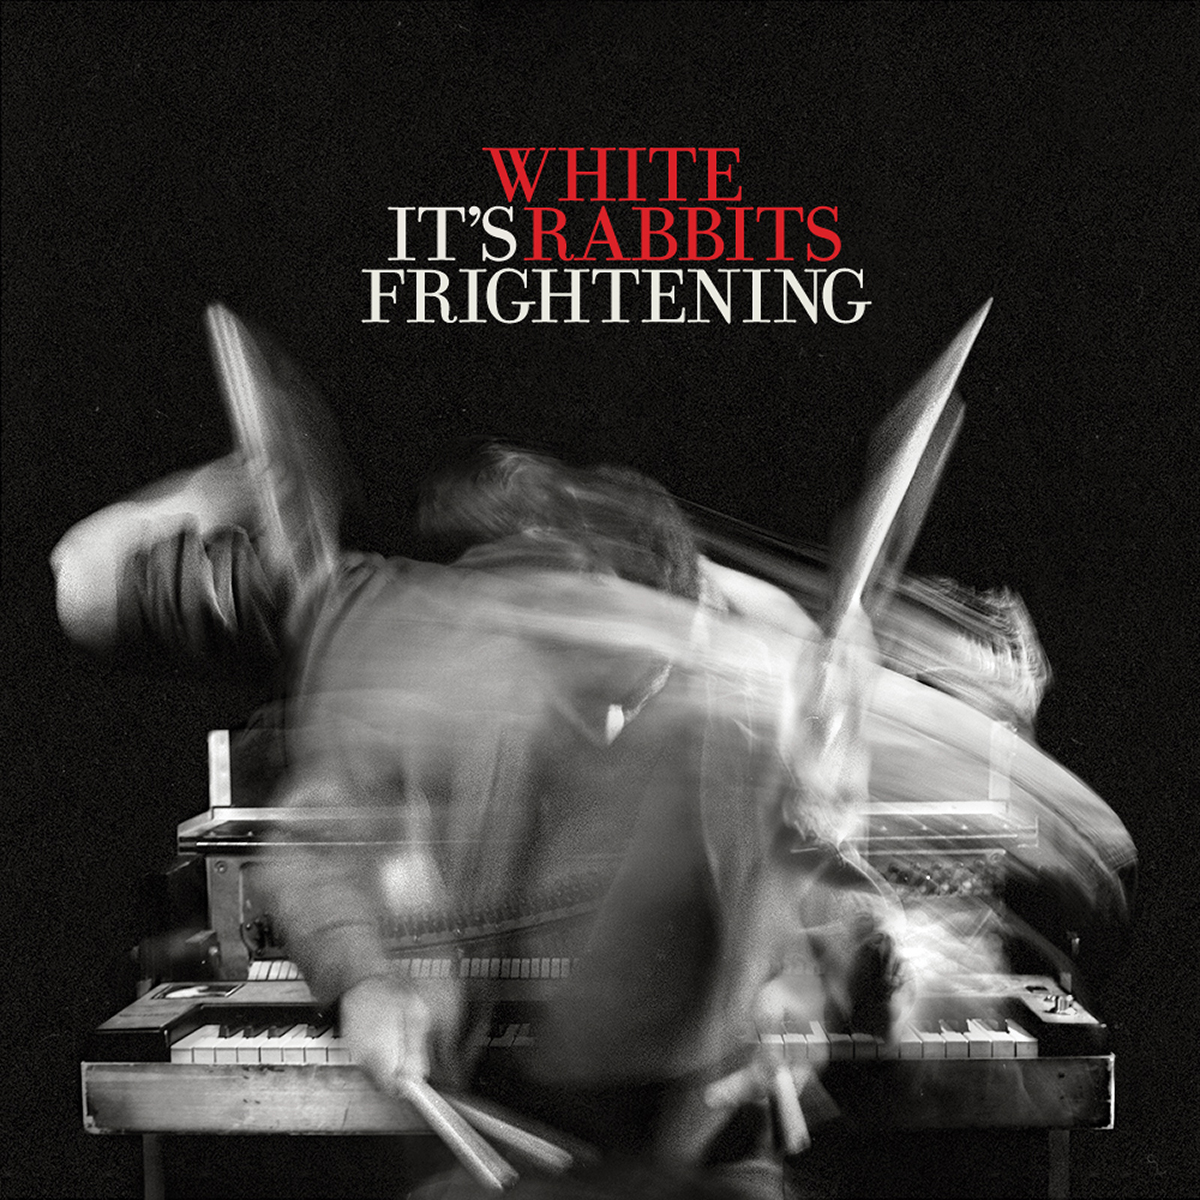 White Rabbits, It's Frightening